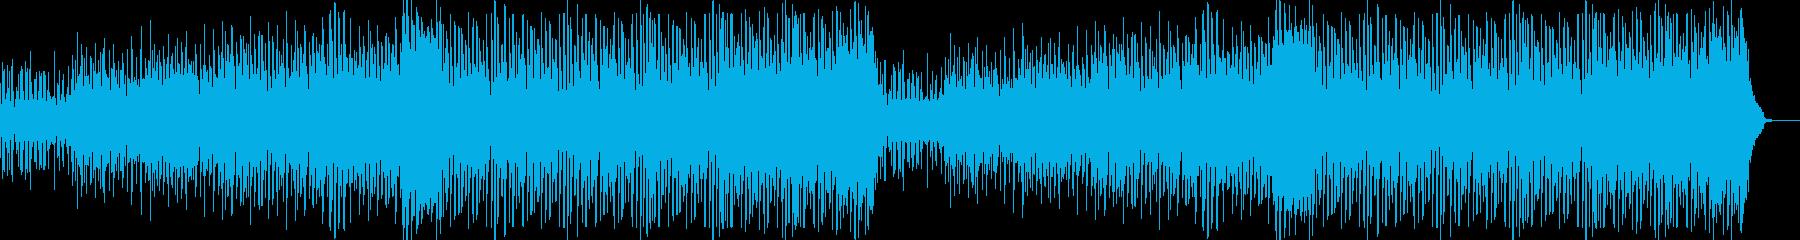 ピアノが印象的なテクノの再生済みの波形